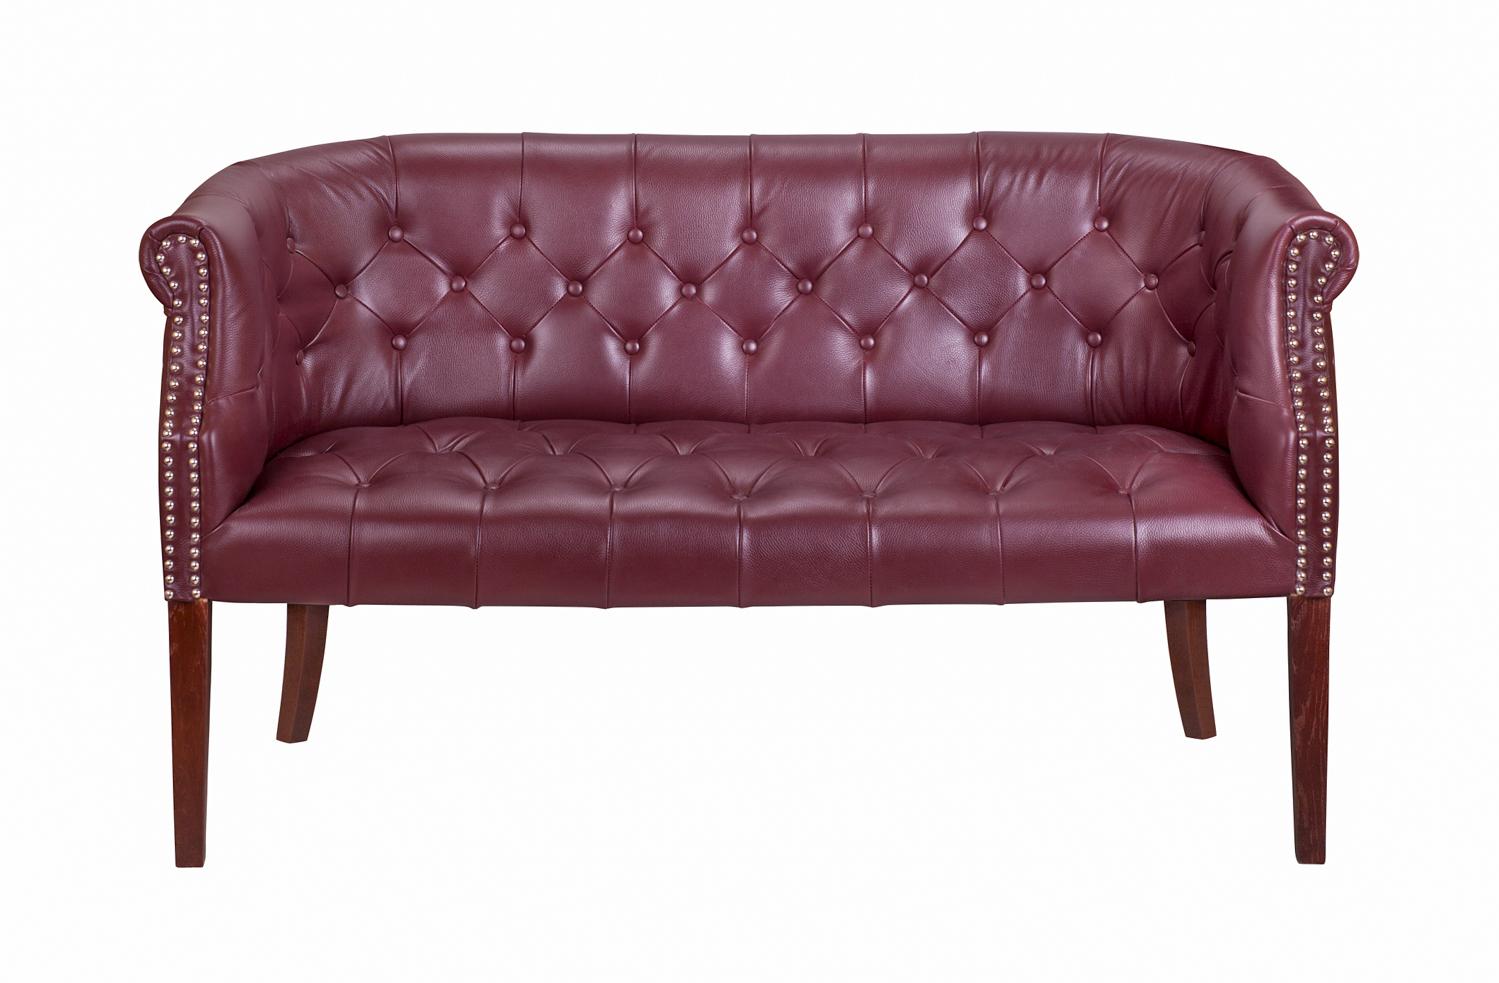 Mak-interior дизайнерский диван grace красный 128987/8